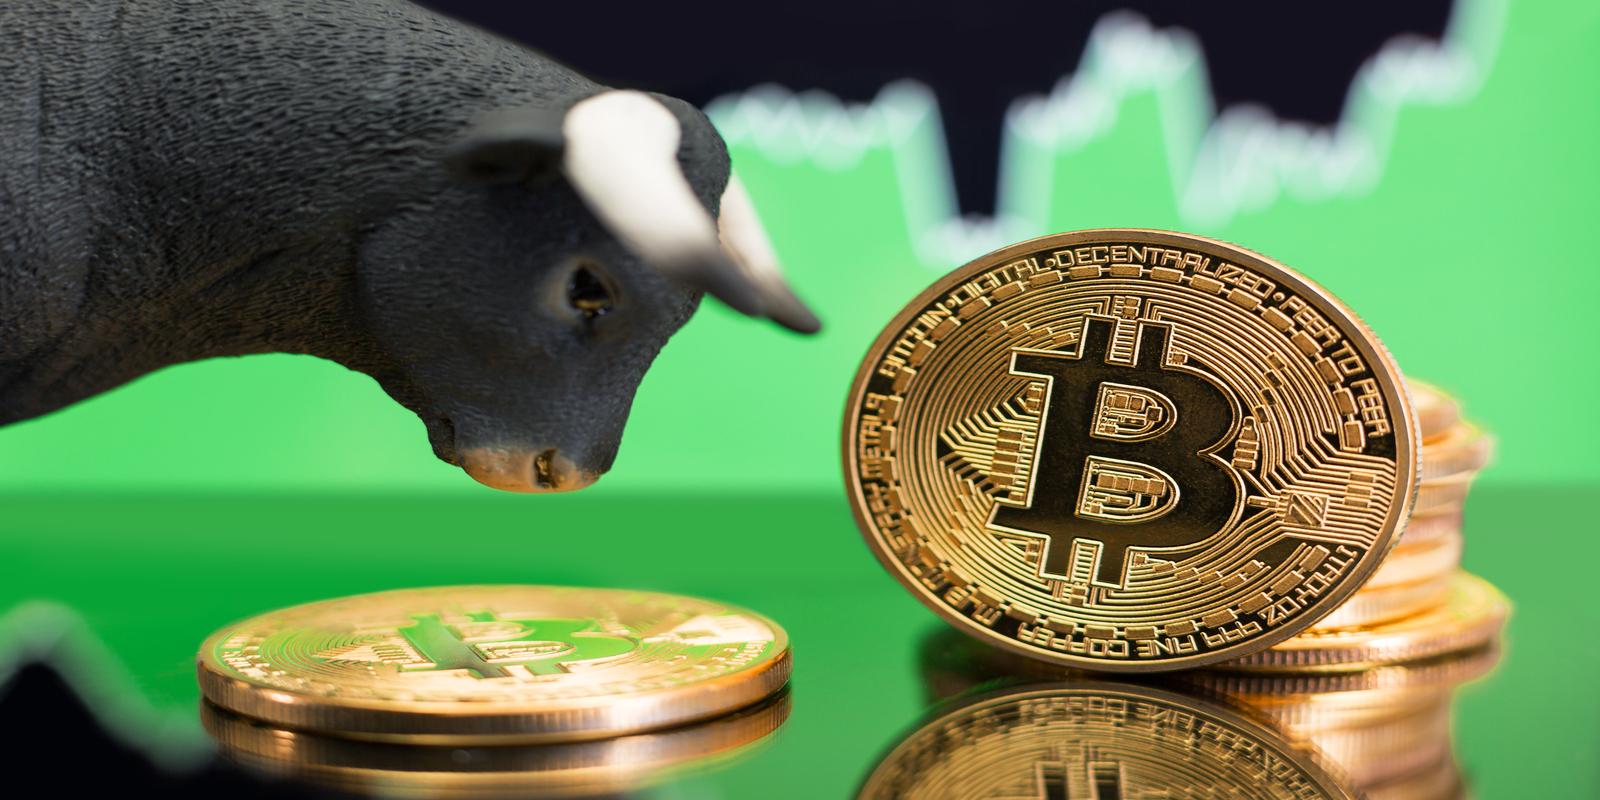 L'analyste Willy Woo suggère que le Bitcoin va connaître une forte hausse en juillet